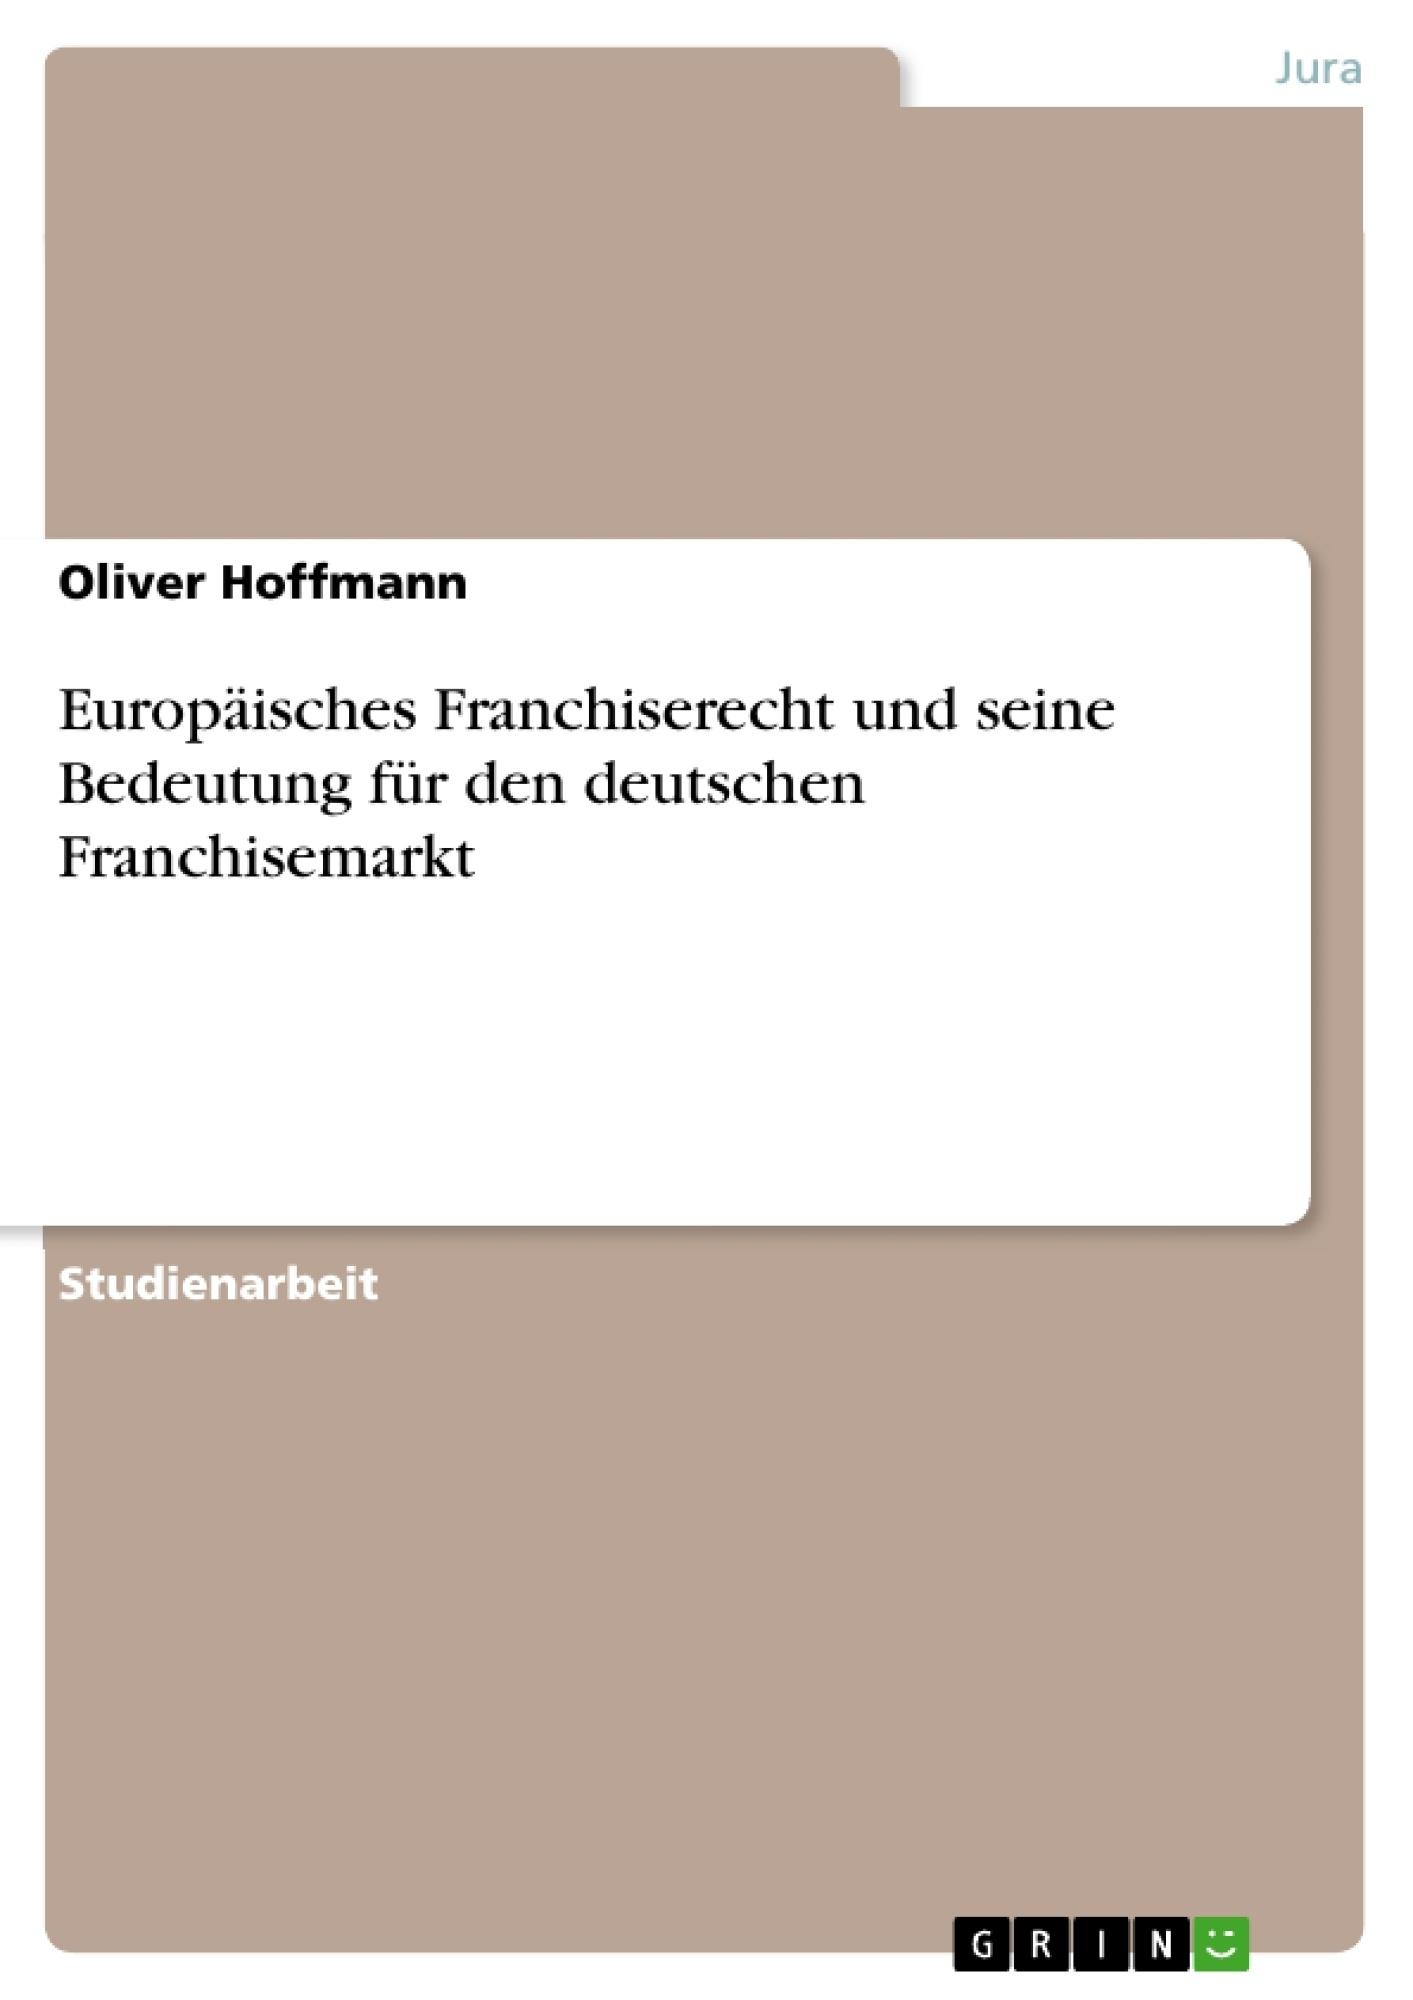 Titel: Europäisches Franchiserecht und seine Bedeutung für den deutschen Franchisemarkt